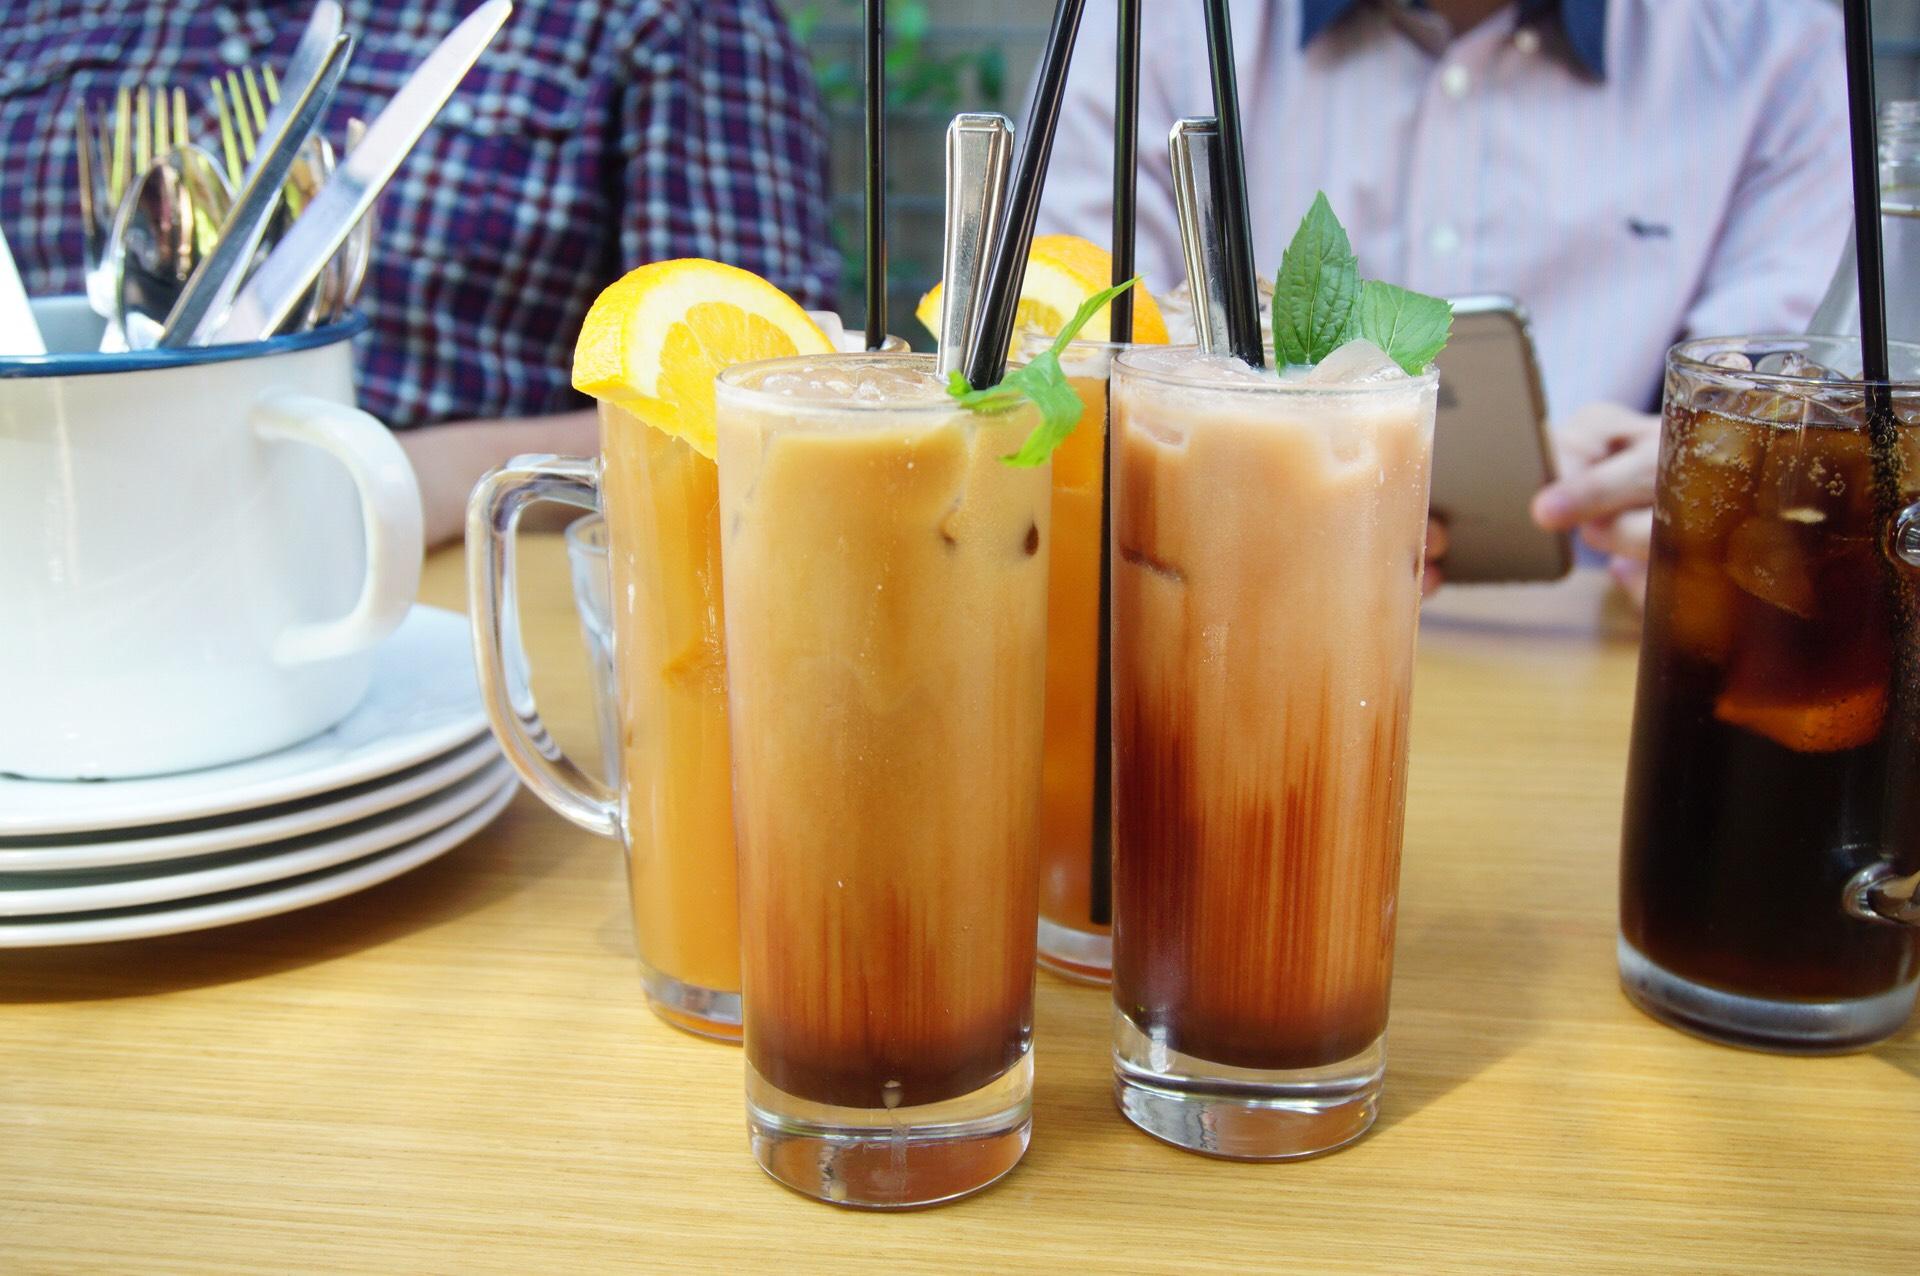 Asado Iced Tea (back), Iced Mocha (L) and Iced Chocolate (R)